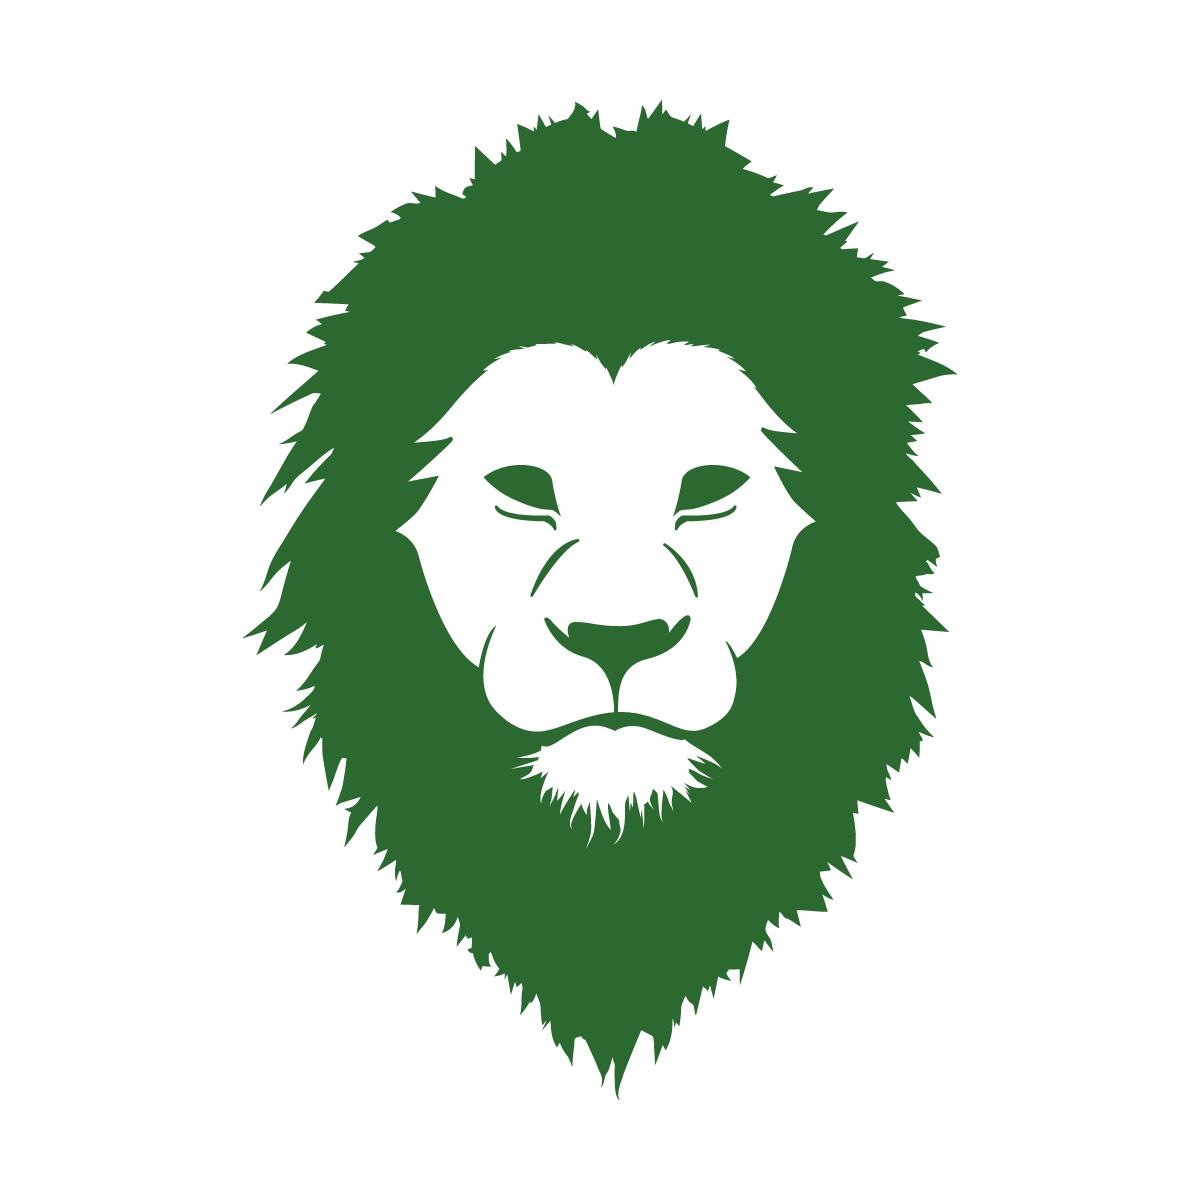 緑色のライオン シール ステッカー カッティングステッカー かっこいい 獅子 光沢タイプ・防水 耐水・屋外耐候3~4年